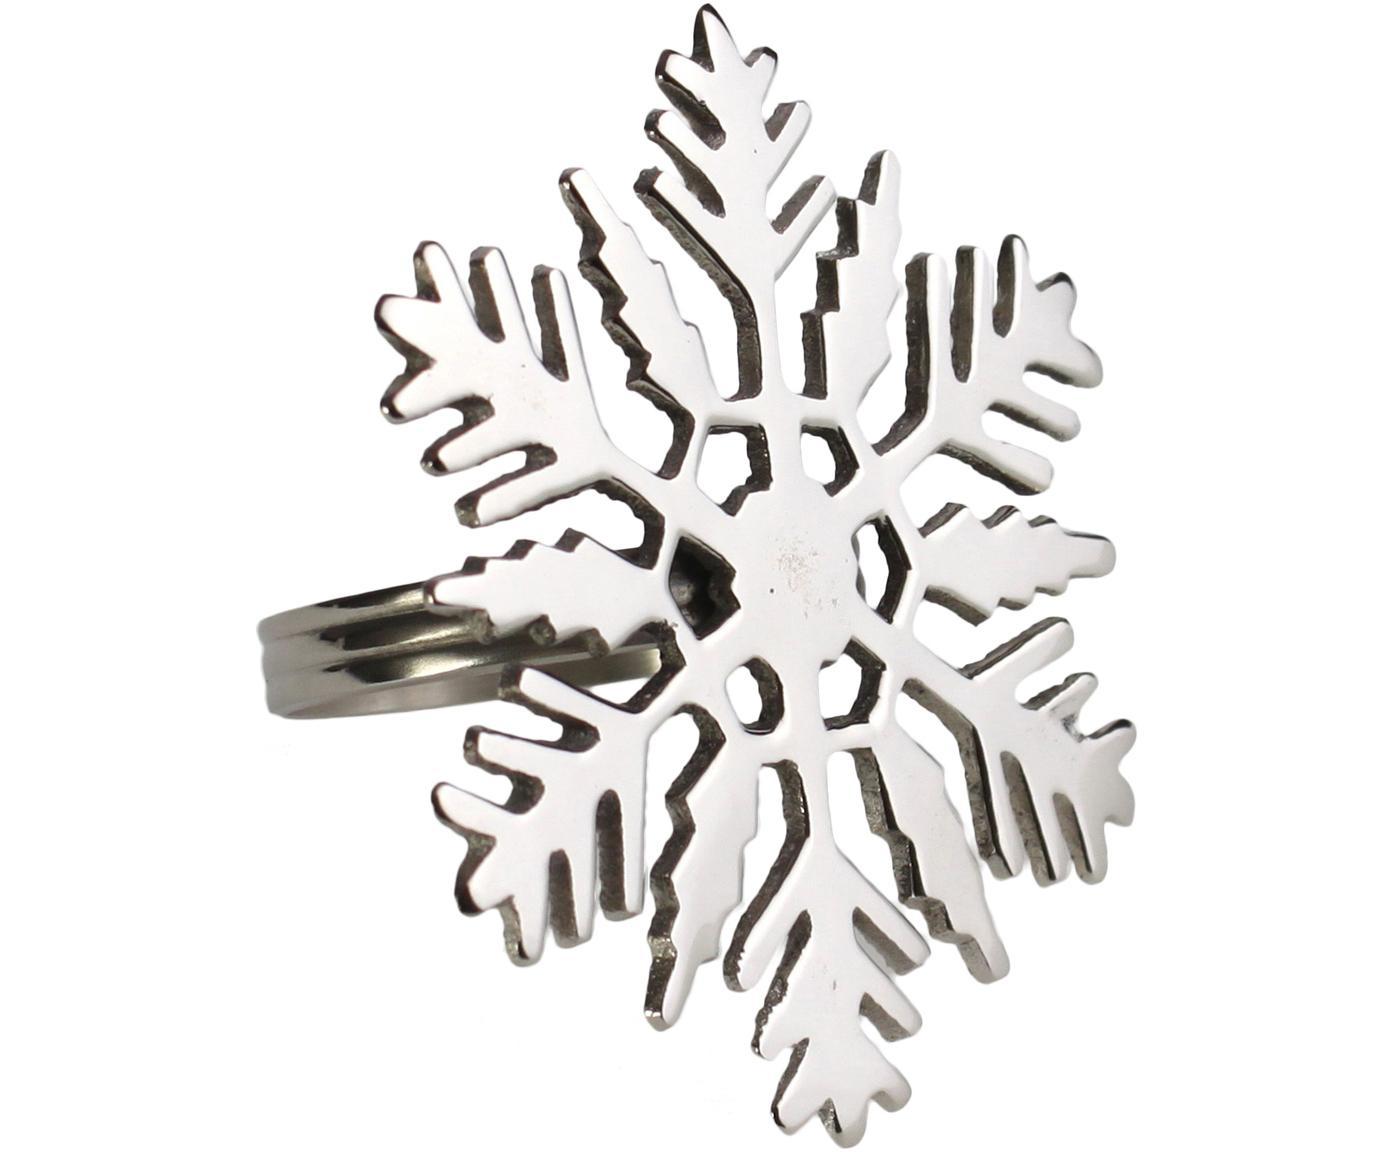 Obrączka na serwetkę Śnieżynka, 2 szt., Metal, Metalowy, Ø 7 x W 7 cm